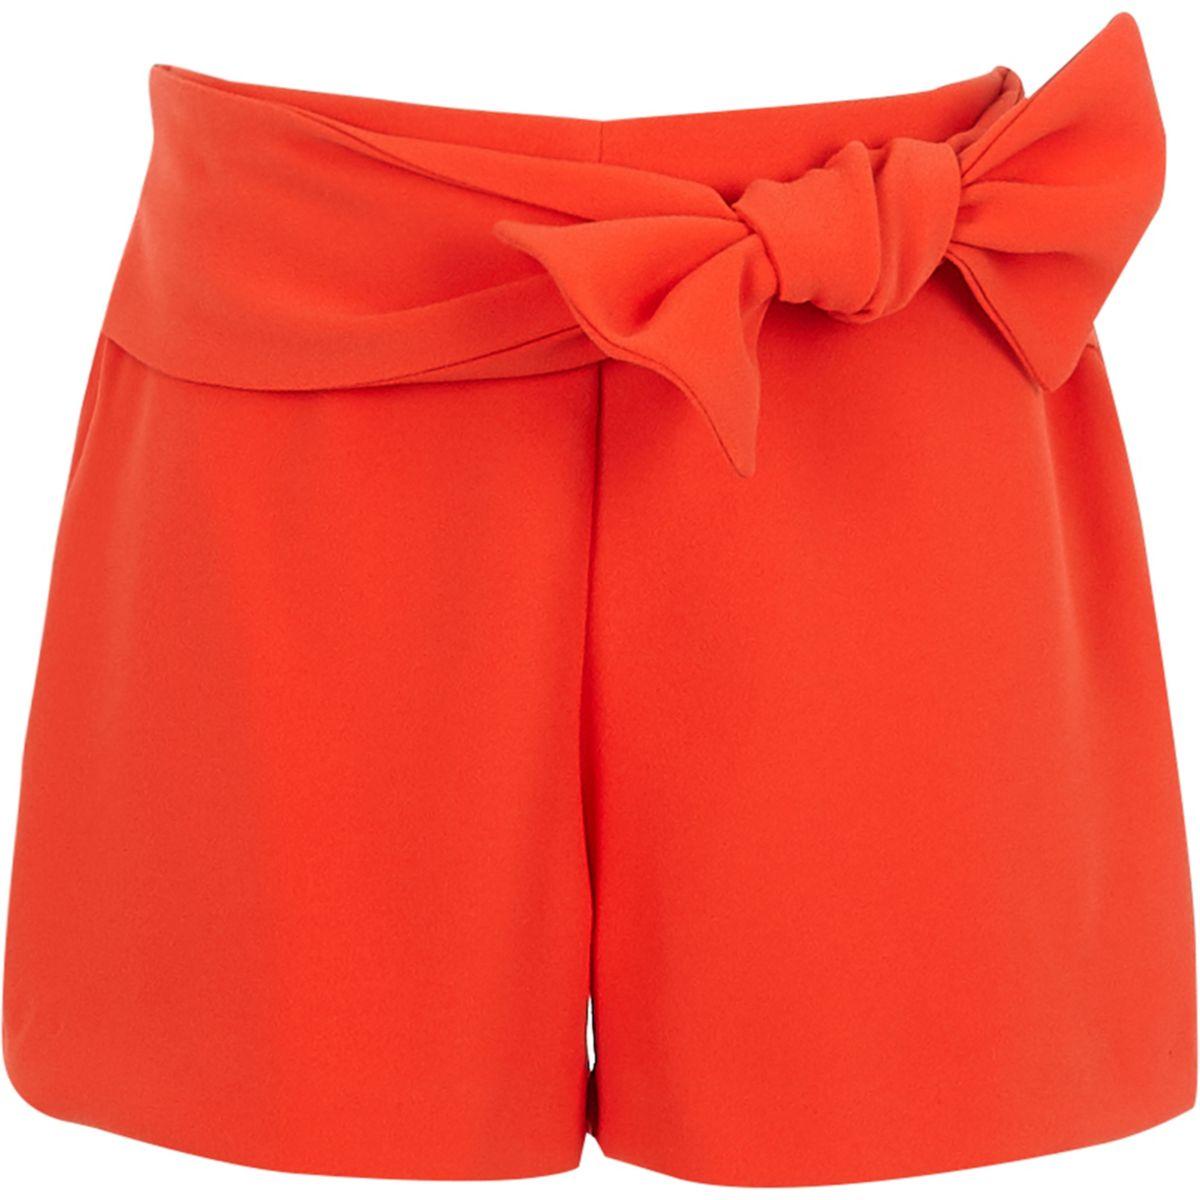 Rote Shorts mit Schleife